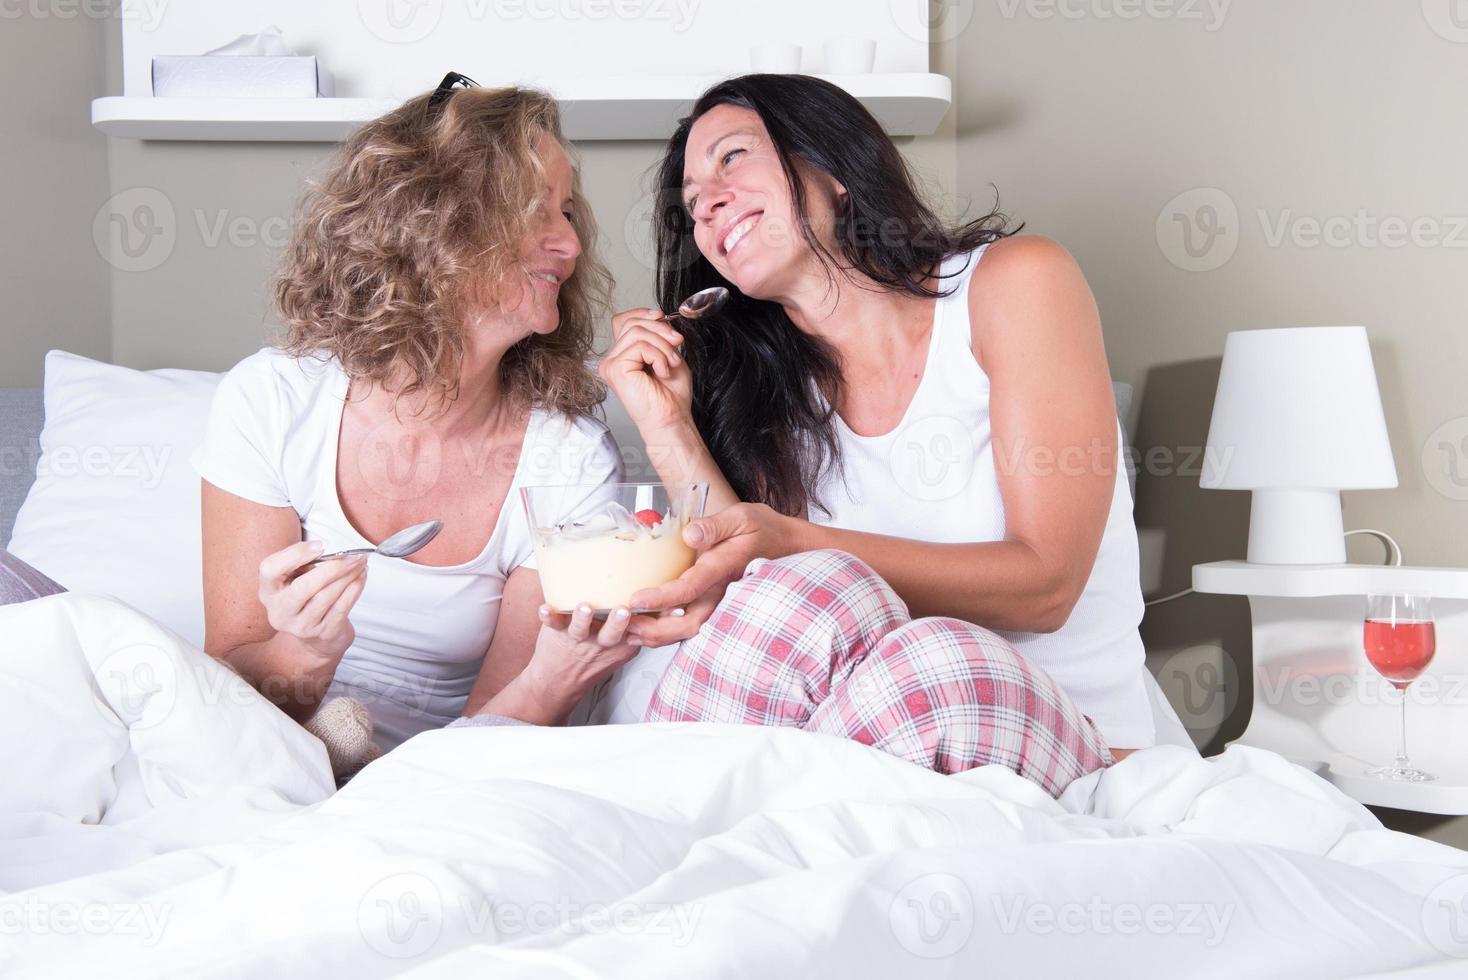 twee aantrekkelijke vrouwen genieten van hun vrouwenavond in bed foto